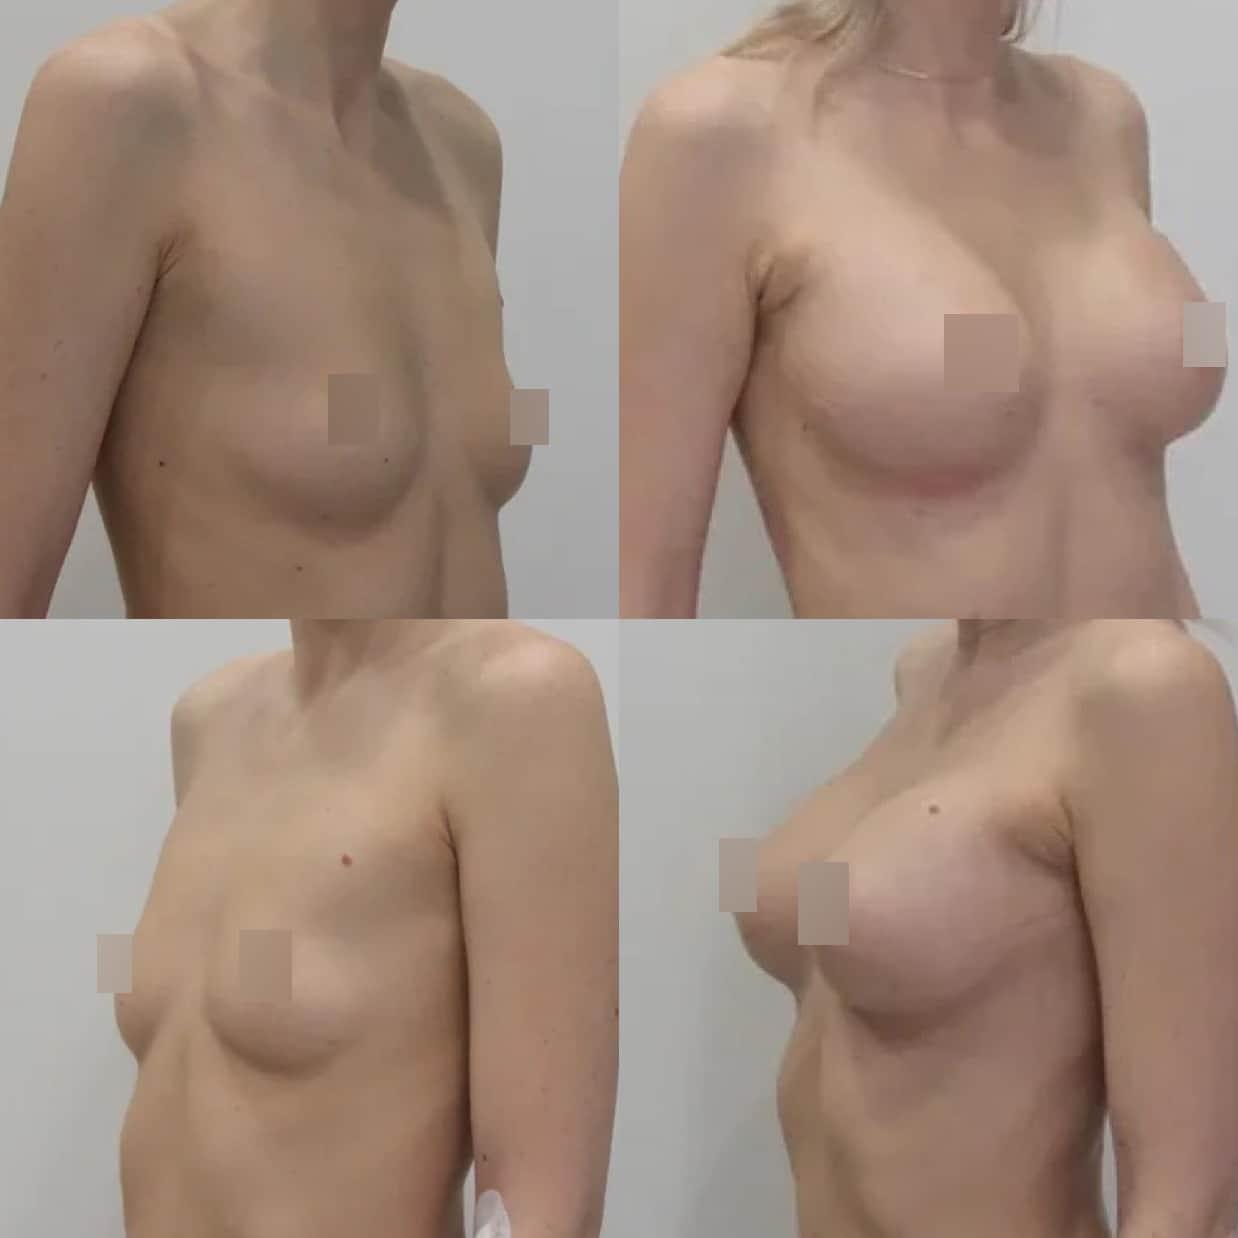 Увеличение груди имплантами 325 гр, трансаксиллярный доступ, спустя 1 месяц